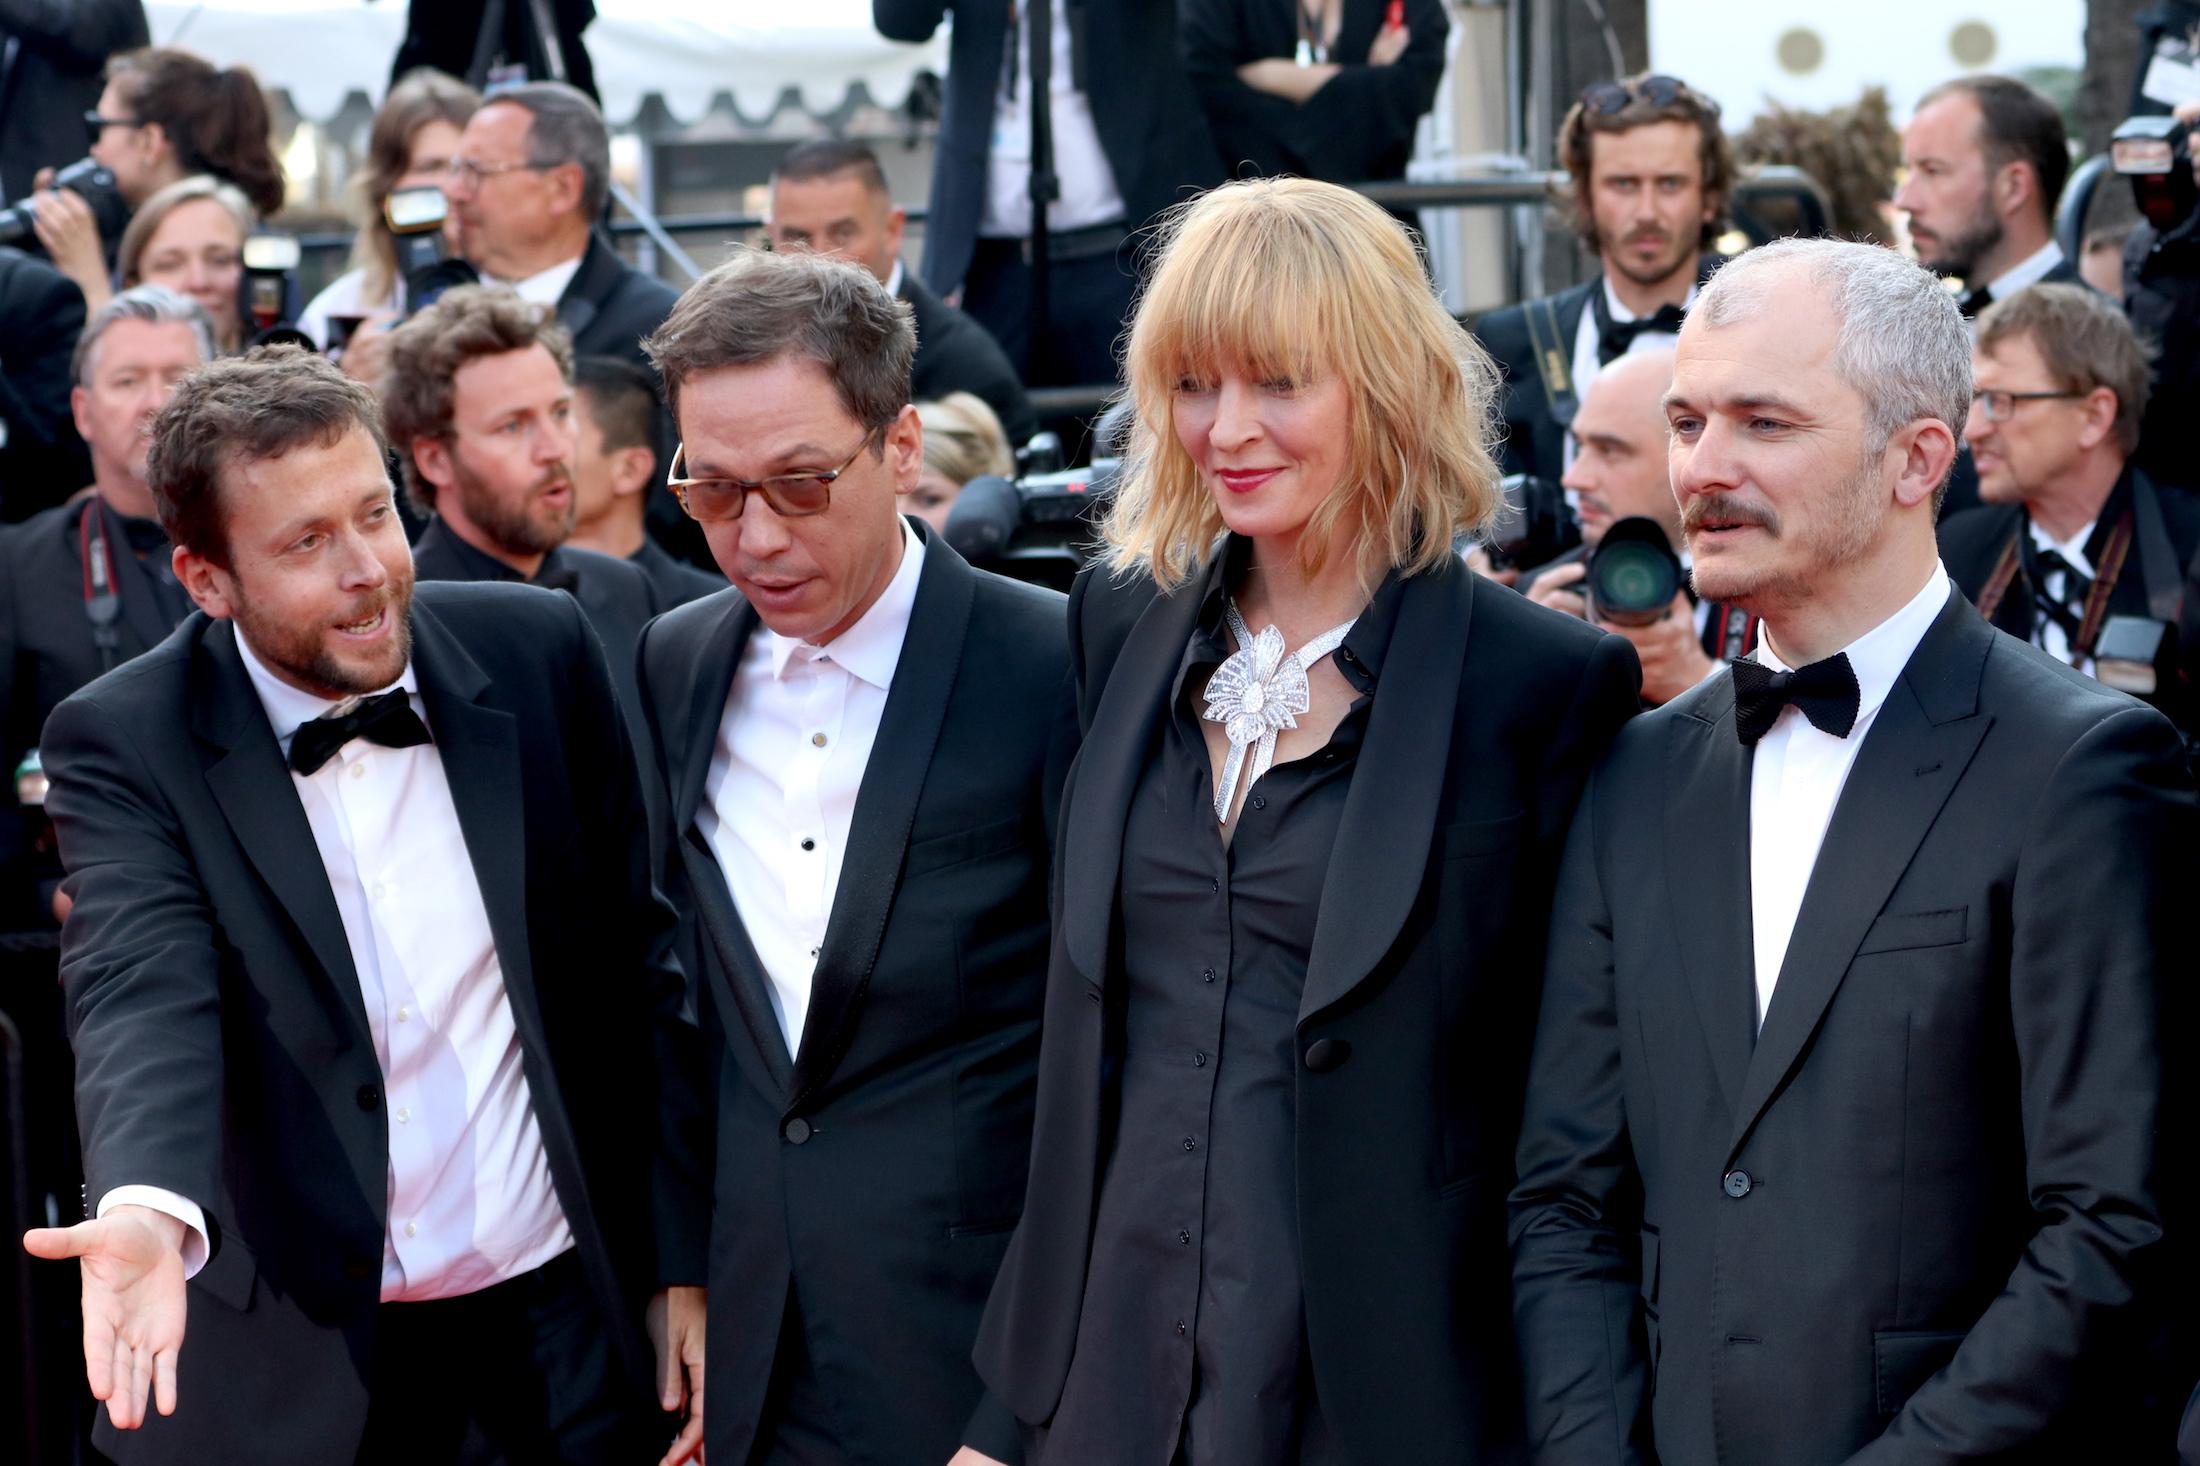 Cannes 2017: La giuria dell'Uncertain Regard sul red carpet di Based on a True Story